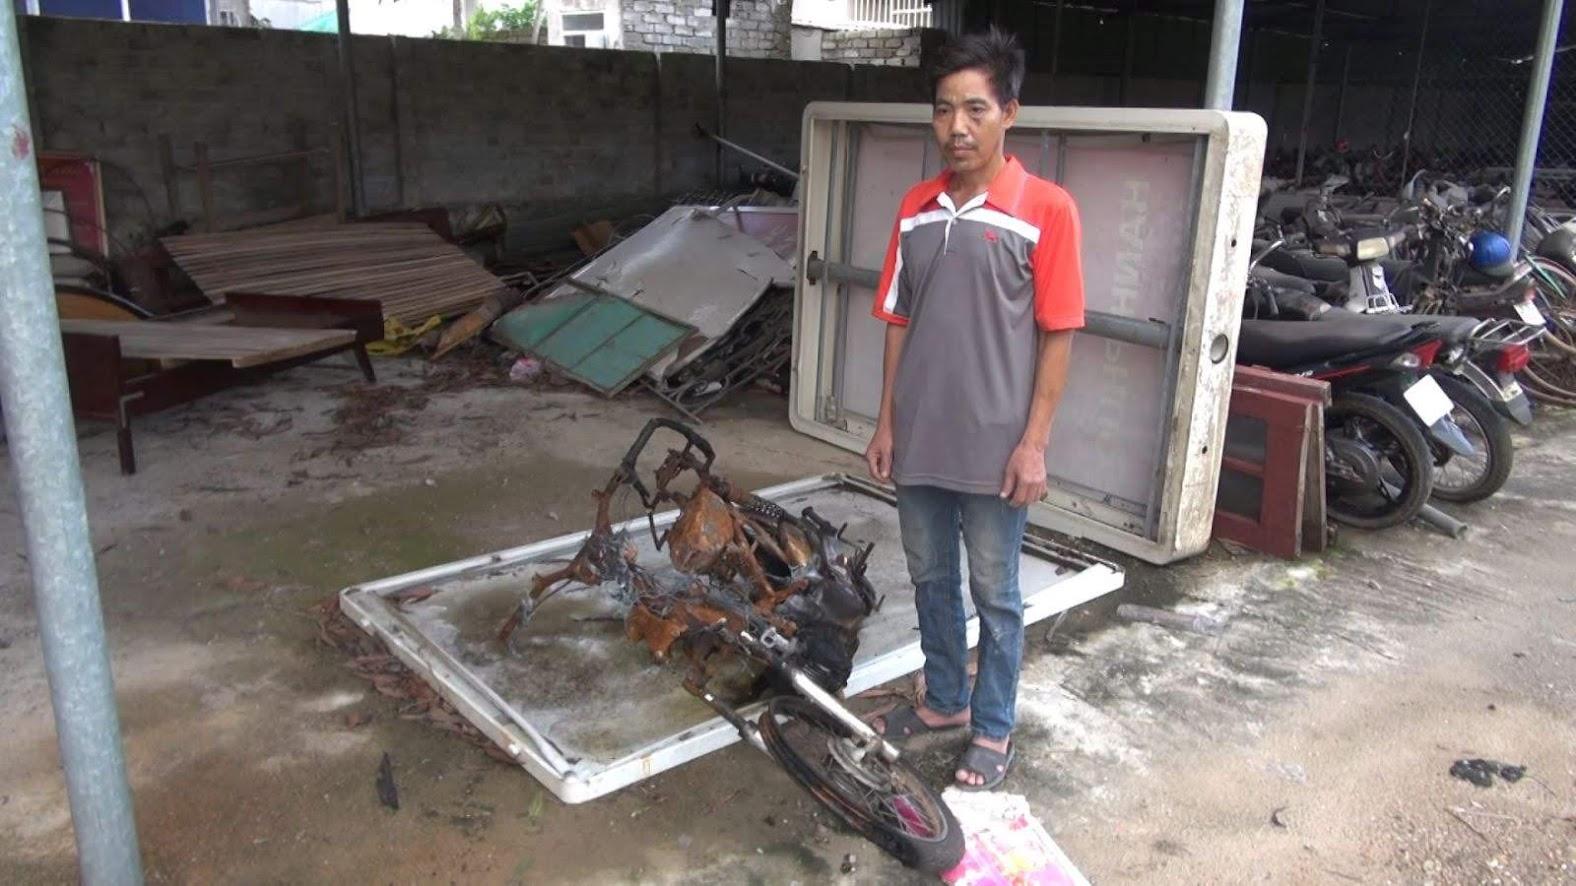 Đối tượng Thành và chiếc xe máy đã bị đốt cháy